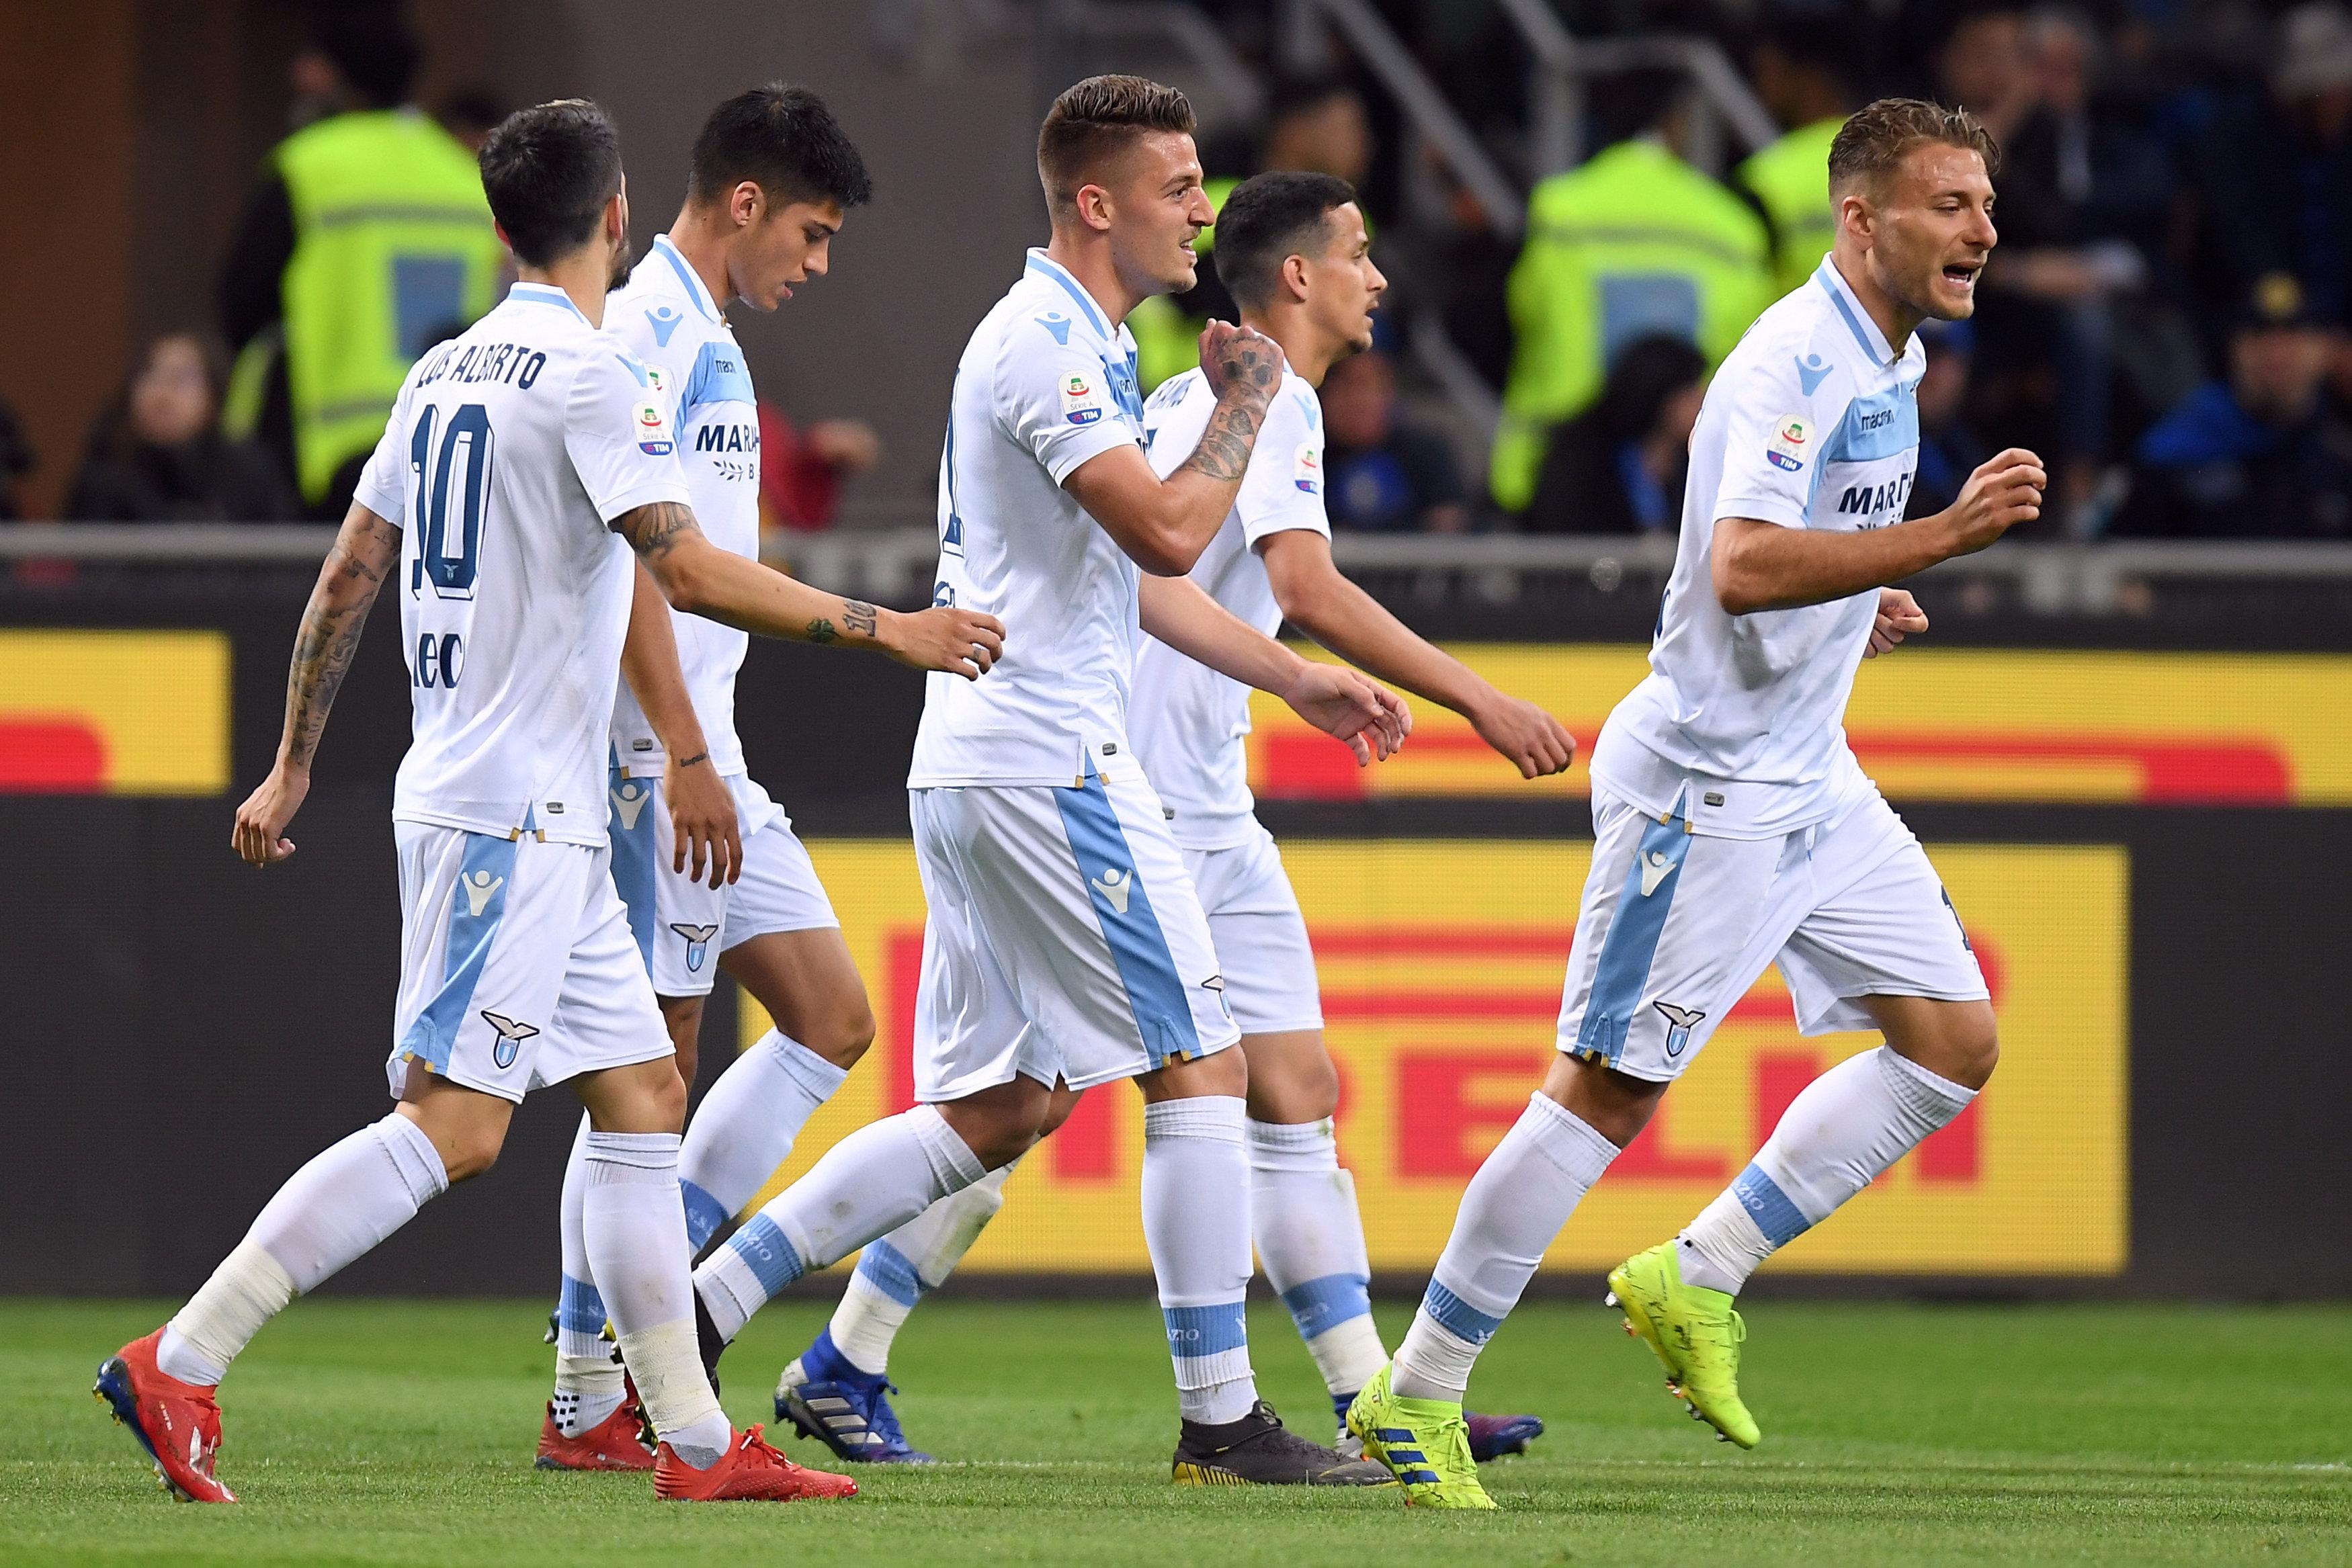 En fotos: sin Mauro Icardi el Inter cae como local ante la Lazio que sigue en buena racha